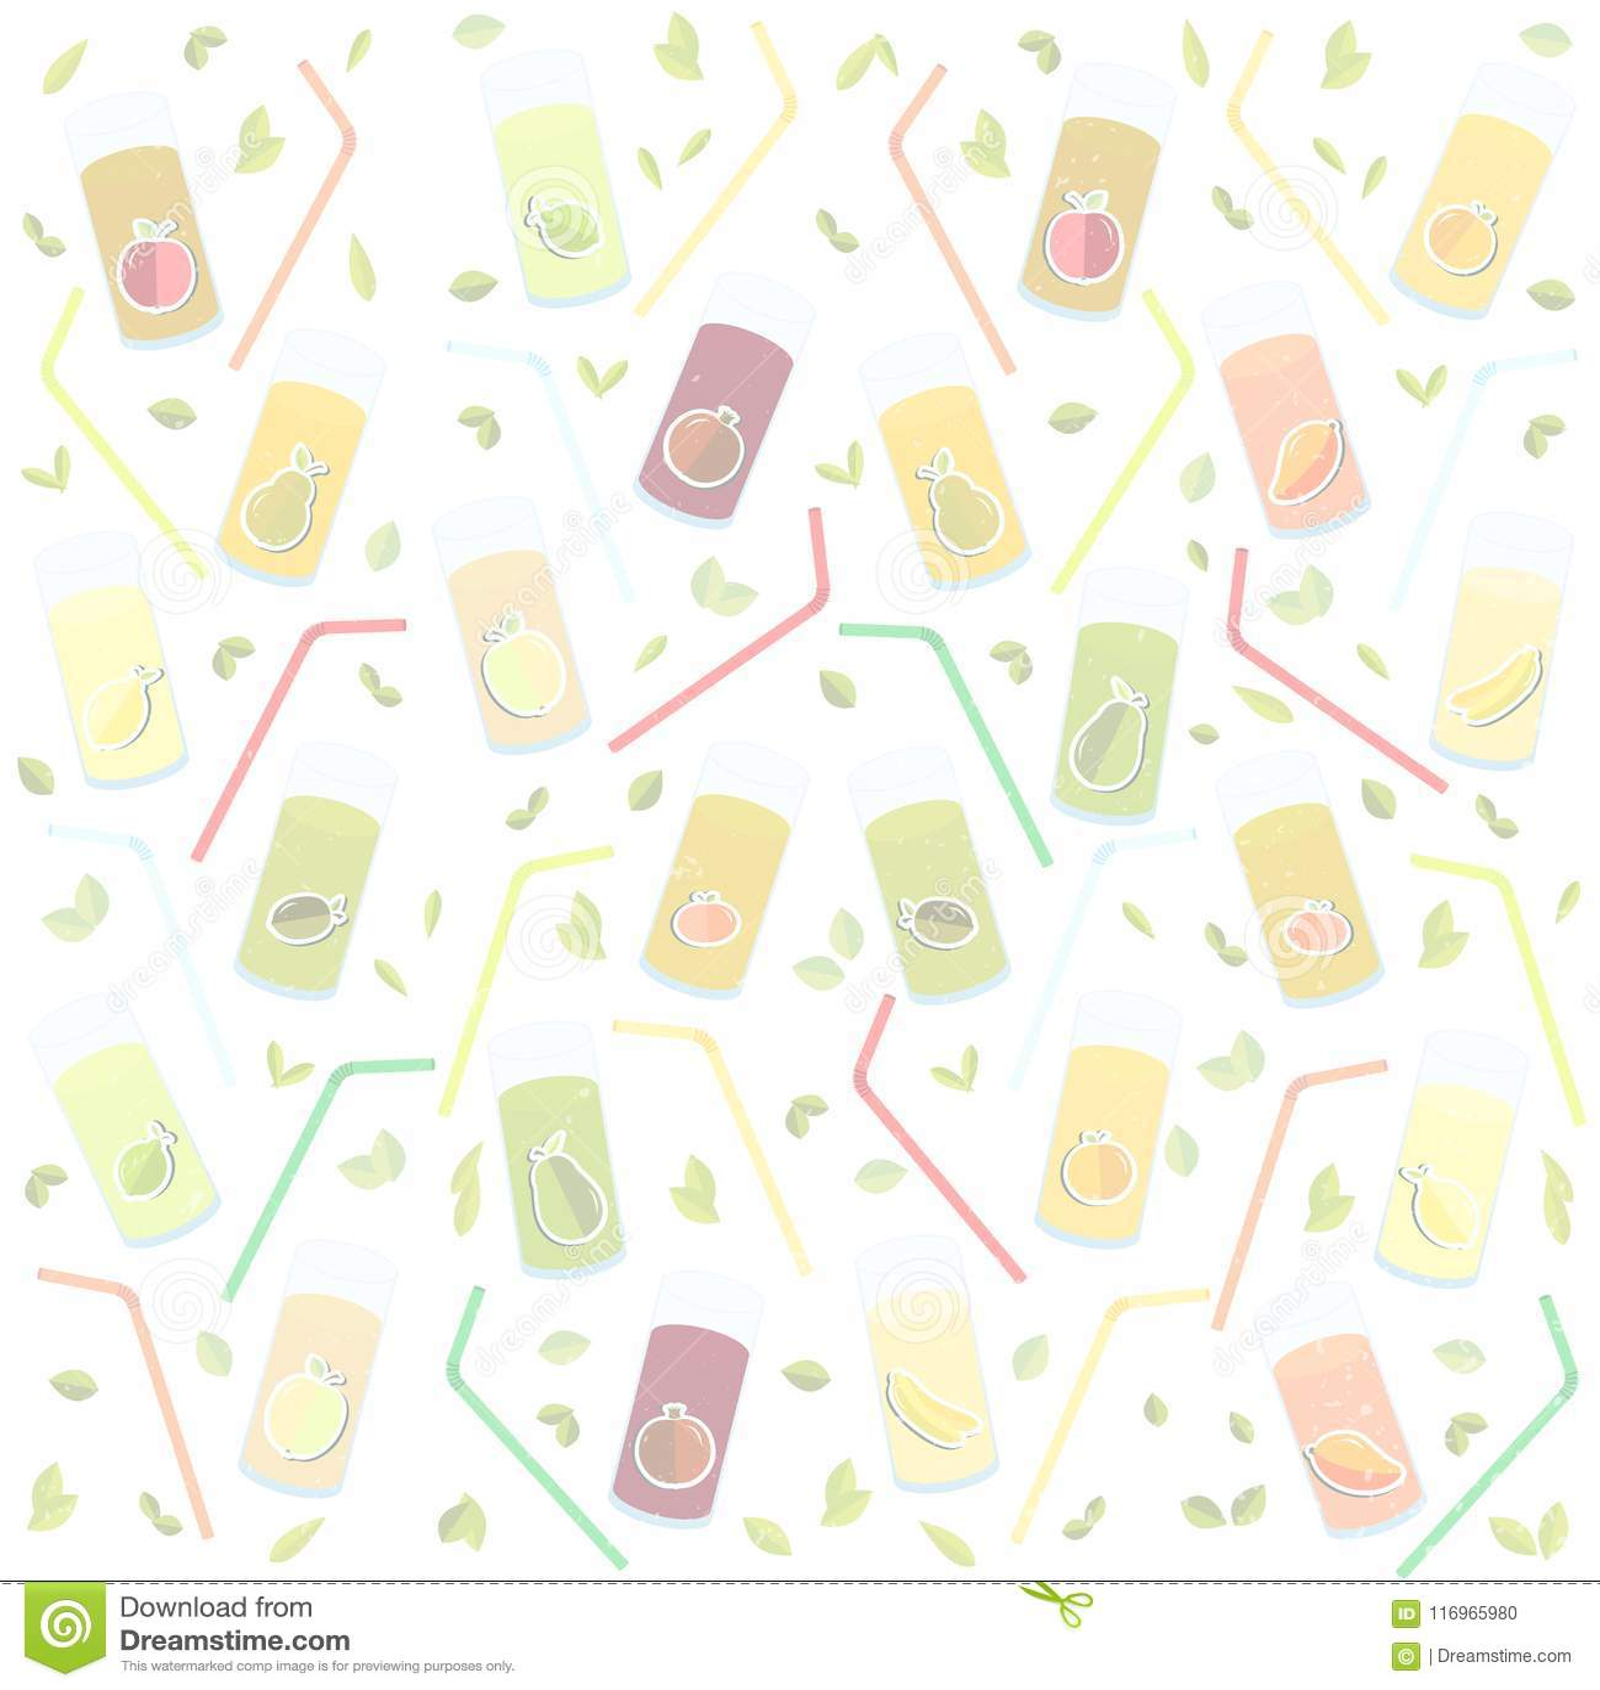 Διανυσματική ημέρα παγκόσμιας υγείας γραφικής παράστασης στα κατασκευασμένα γυαλιά υποβάθρου για το χυμό, χυμός, άχυρο, φρούτα, μ